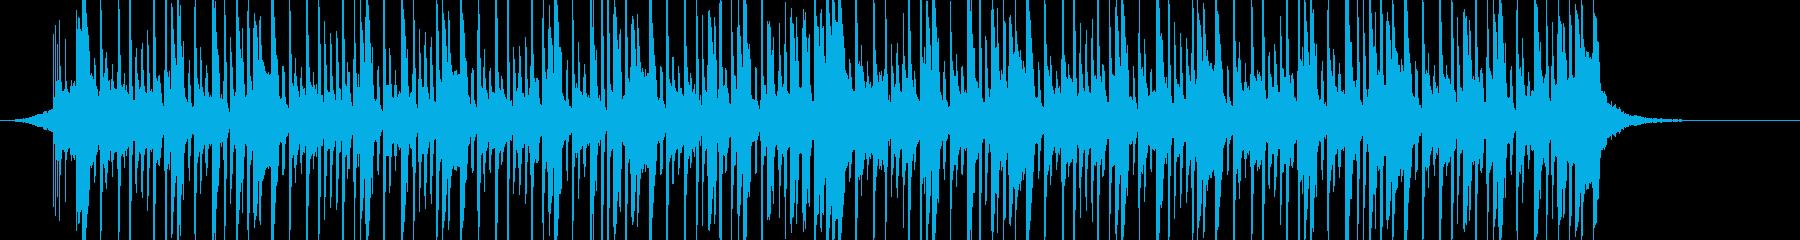 南国な感じのダンスポップの再生済みの波形